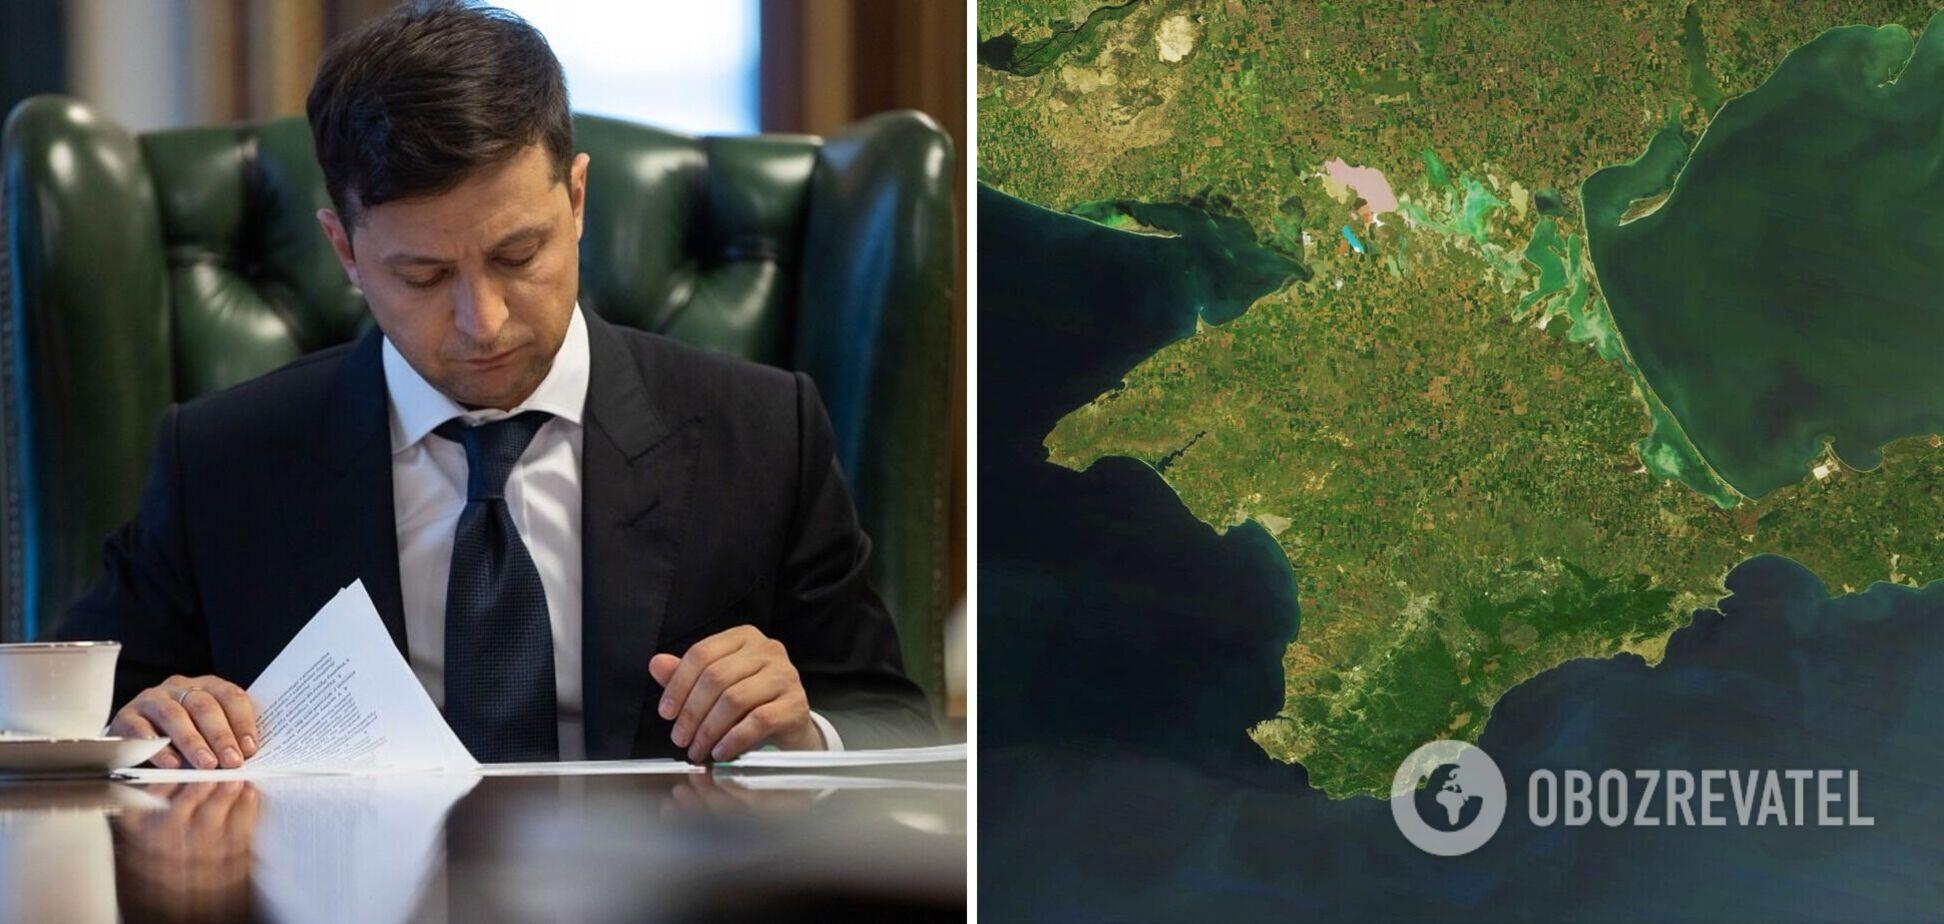 Зеленський затвердив стратегію щодо повернення Криму: опубліковано текст